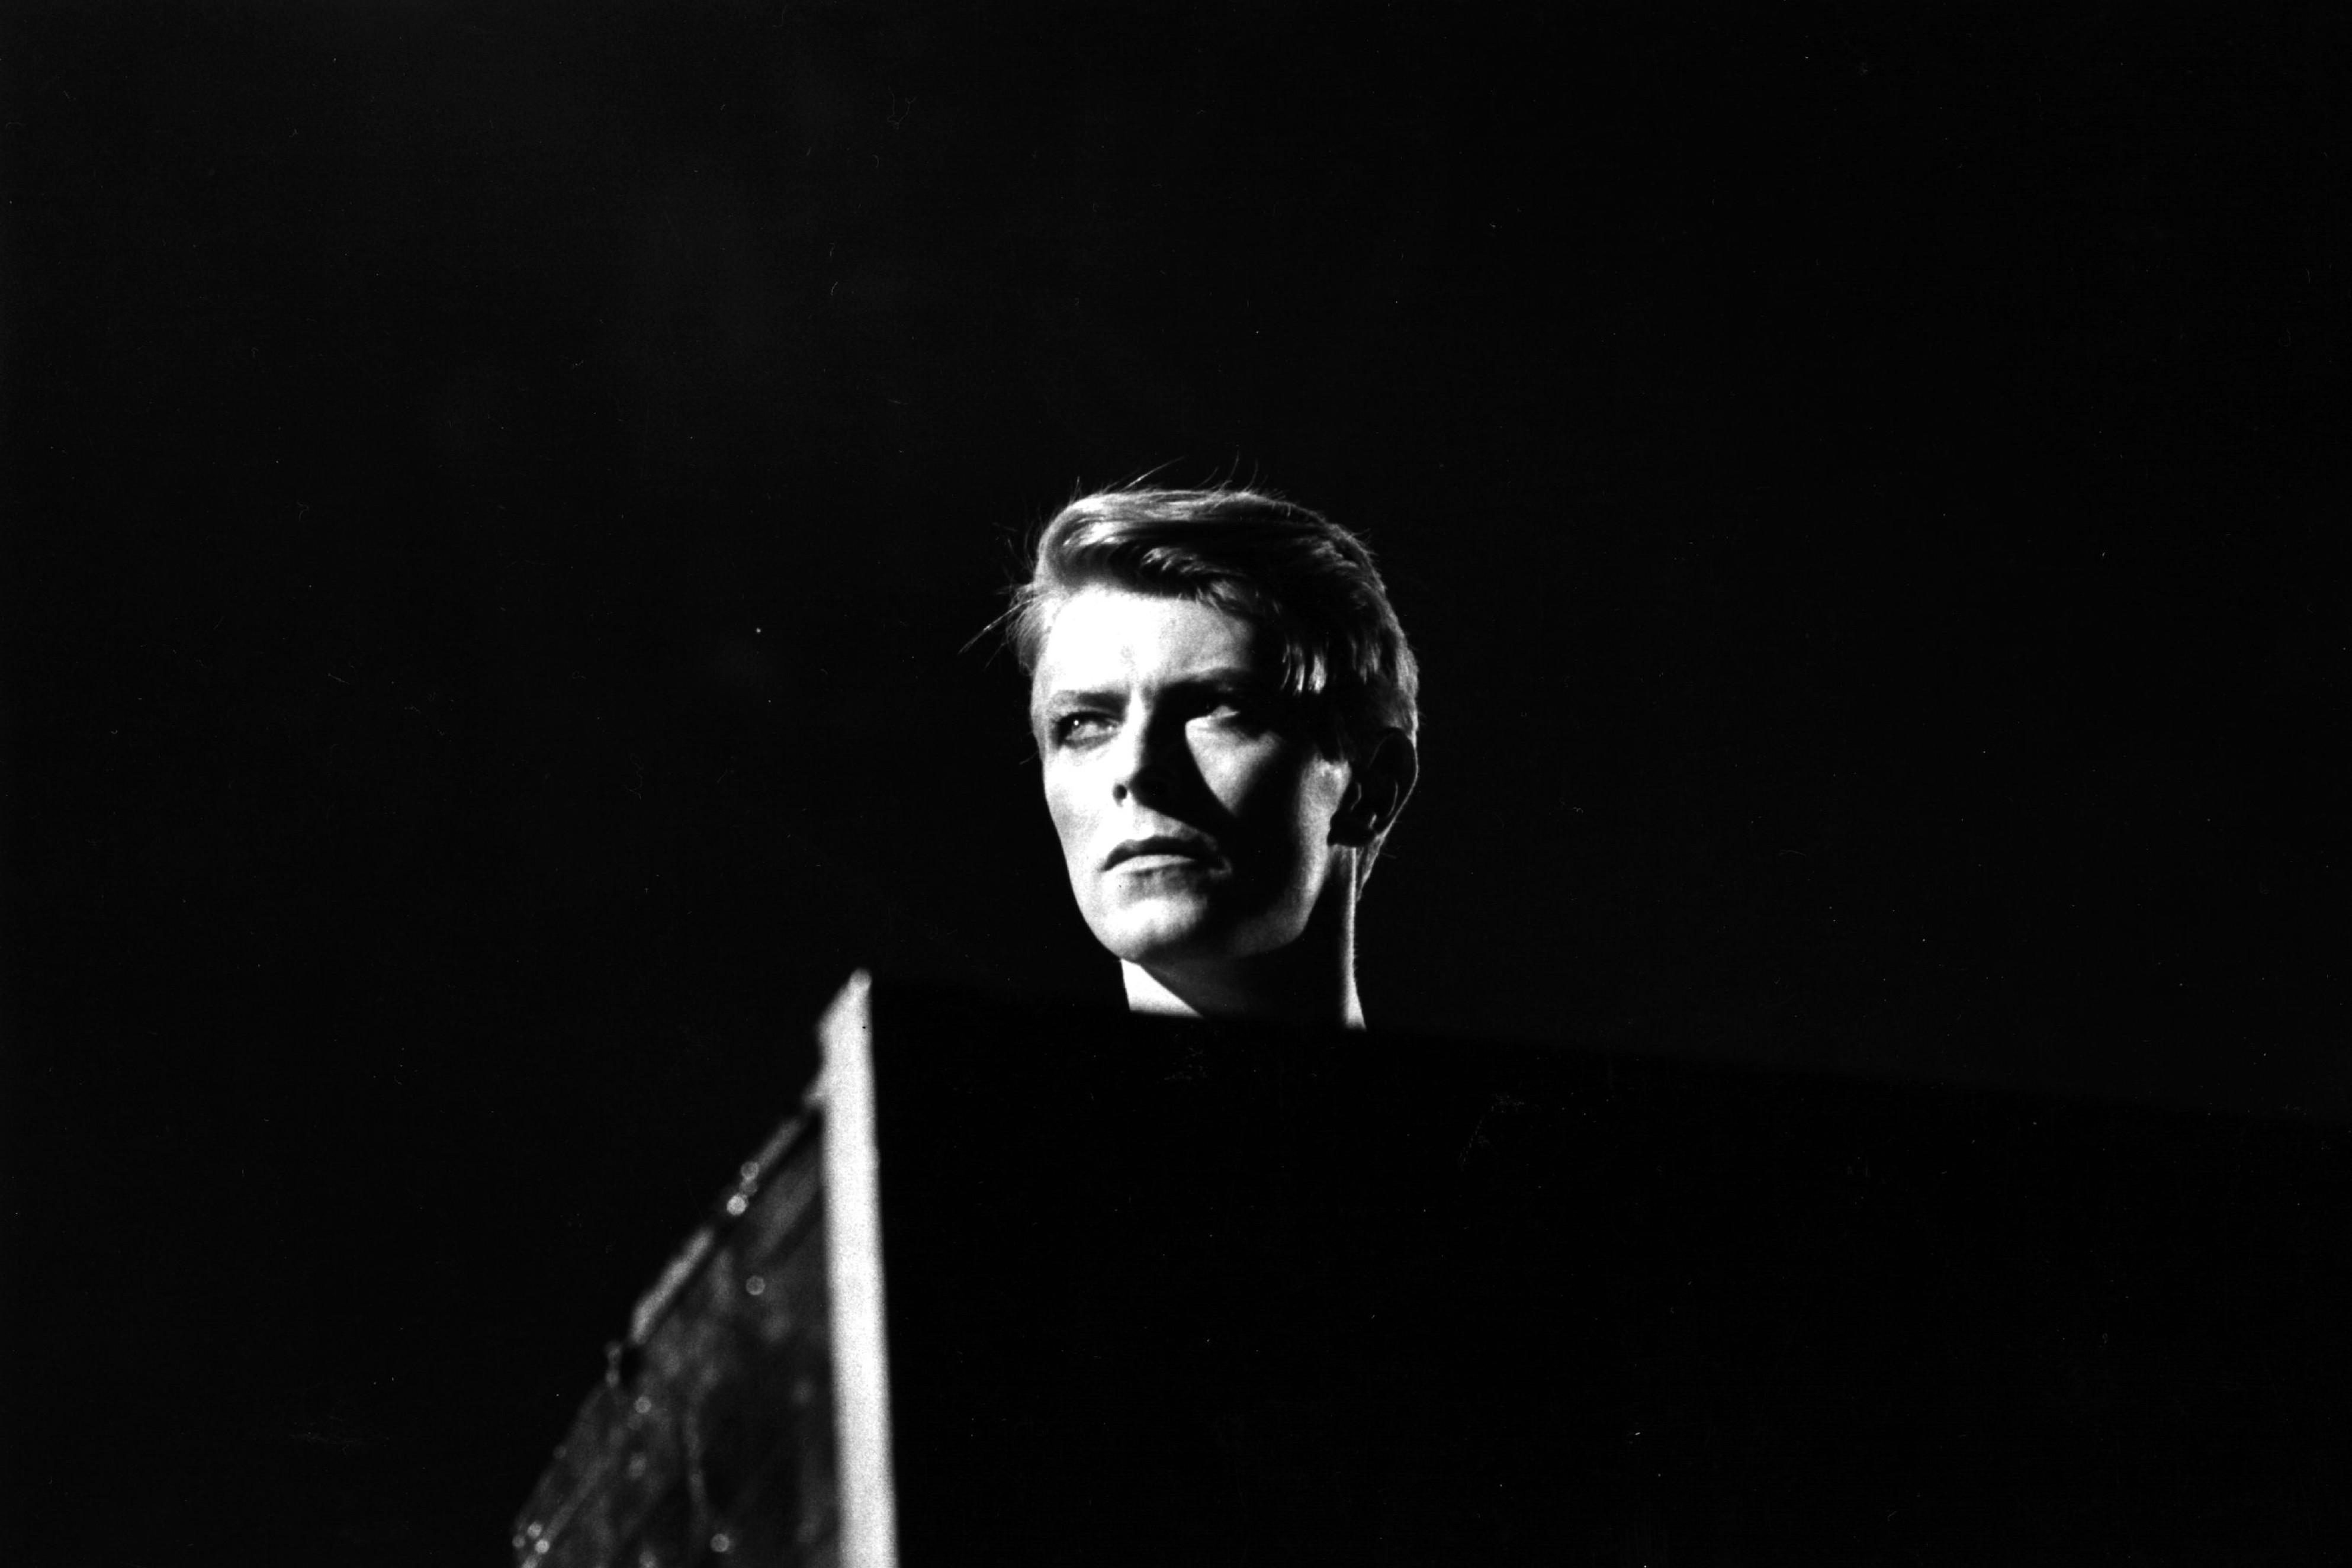 David Bowie em junho de 1978 (Foto: Foto: Getty Images)